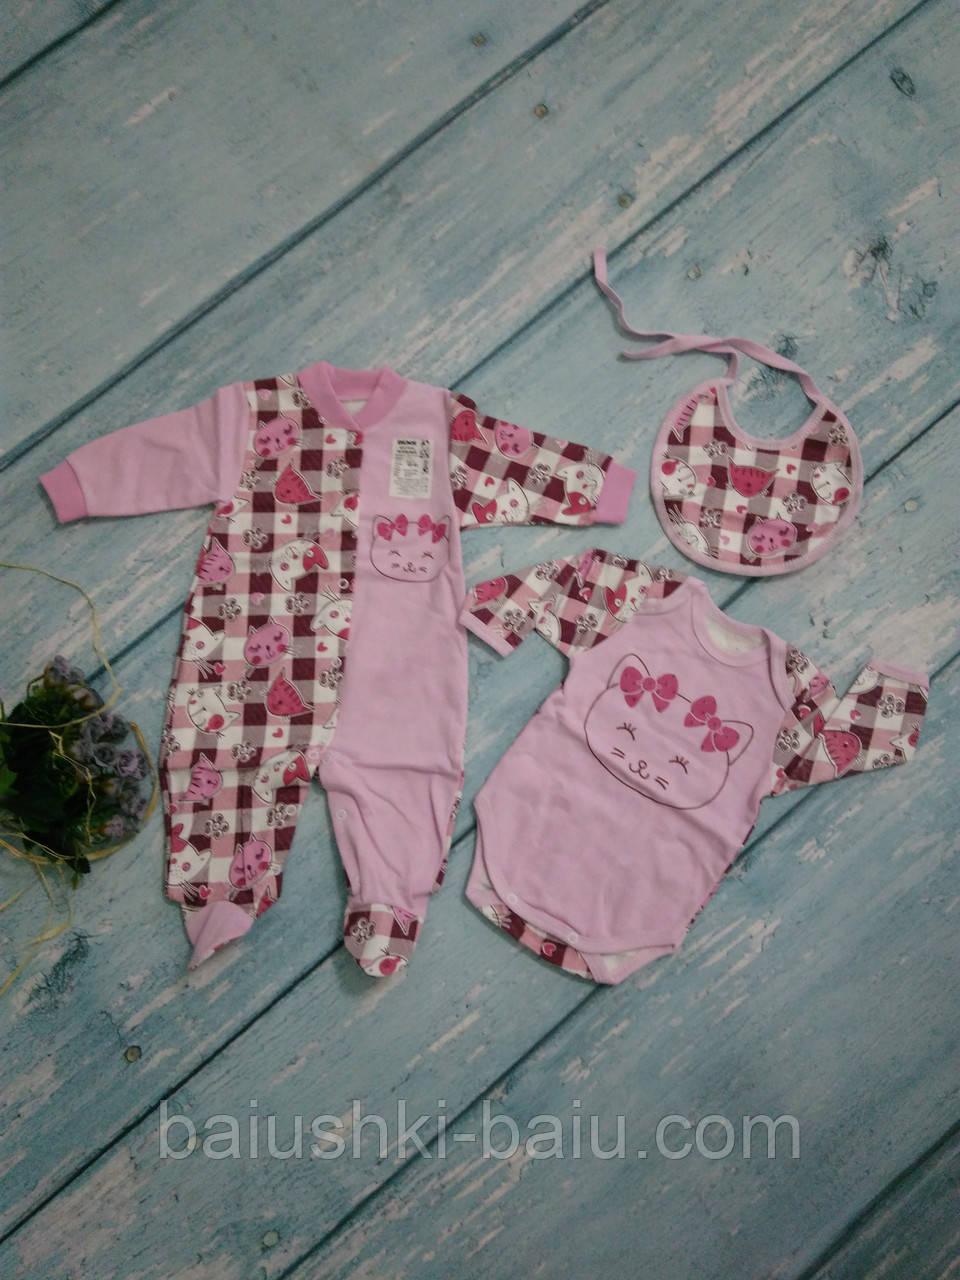 Комплект одежды для новорожденного, р. 3-6 мес